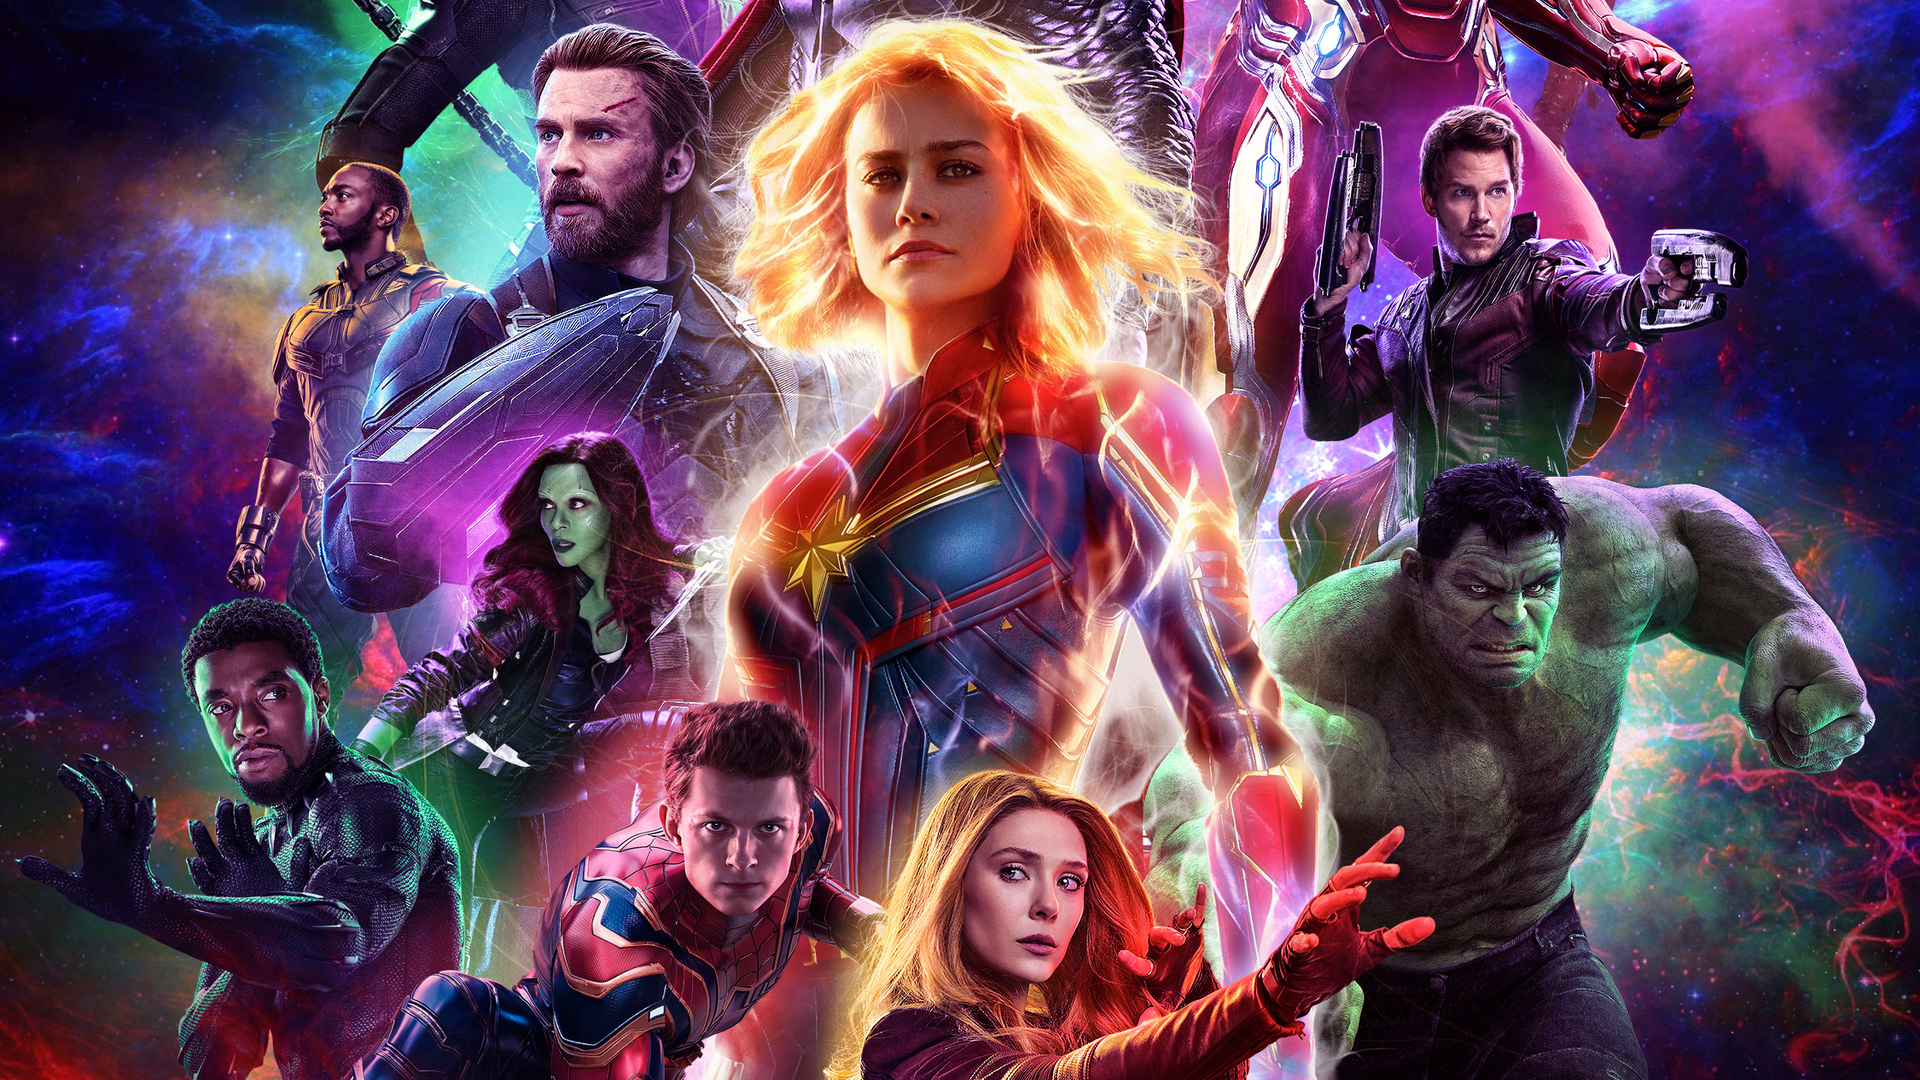 Avengers 4 Endgame Wallpapers 4k For Mobile: 1920x1080 Avengers Endgame 2019 Laptop Full HD 1080P HD 4k